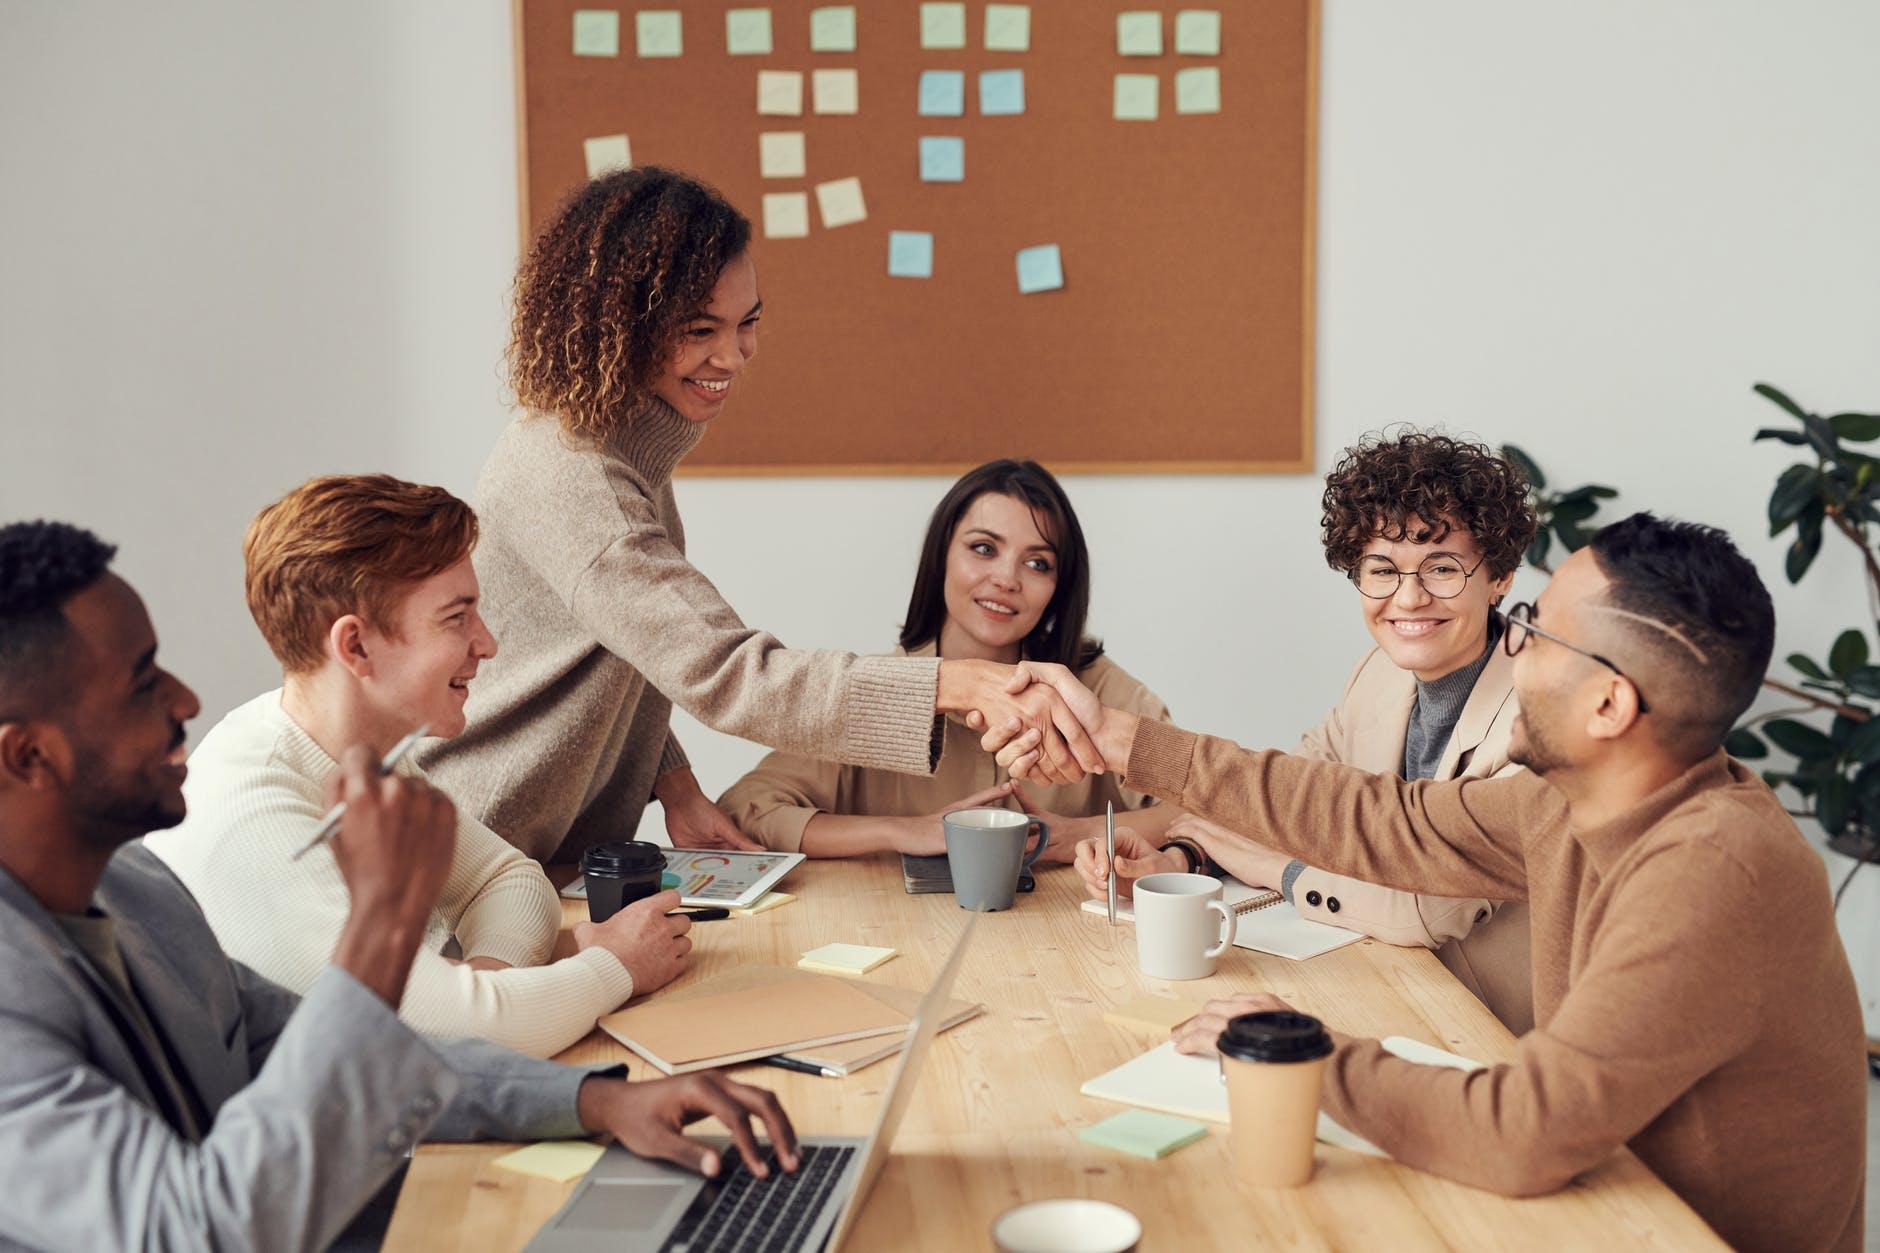 Apa Itu Etika Berbisnis? Pentingnya Menerapkan pada Bisnis Anda